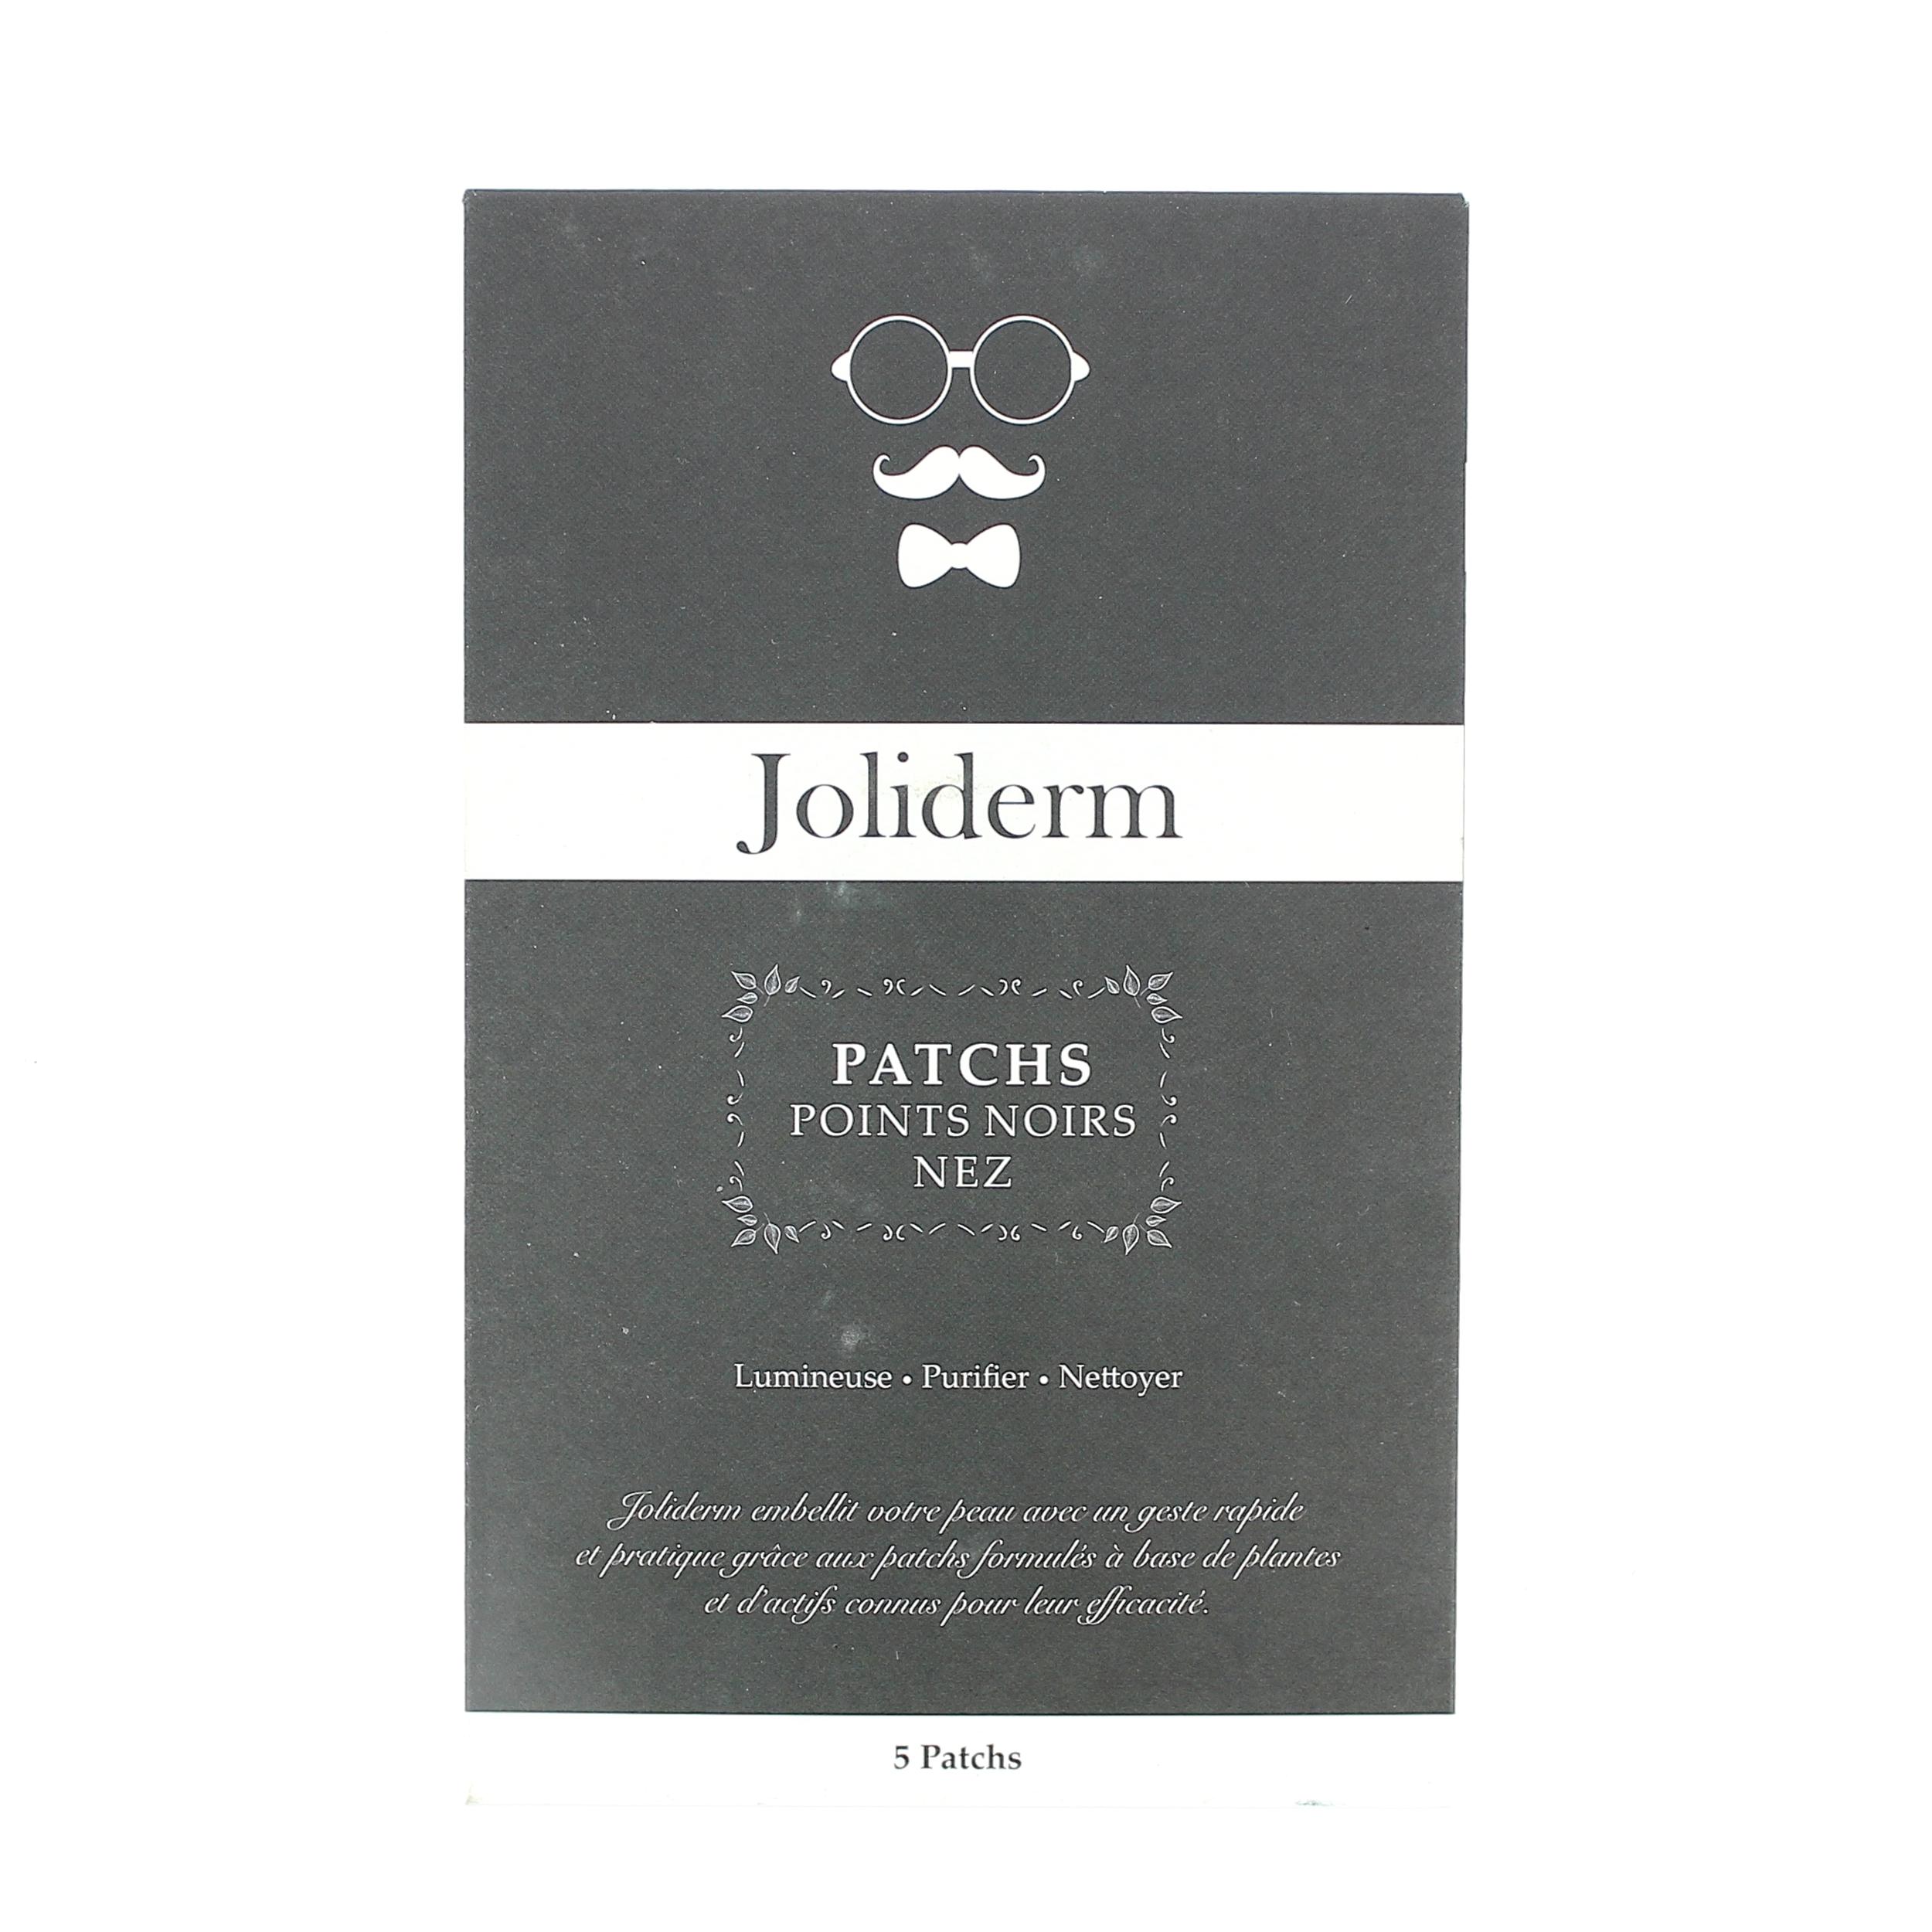 Doux Good - Joliderm- patch points noirs nez Homme